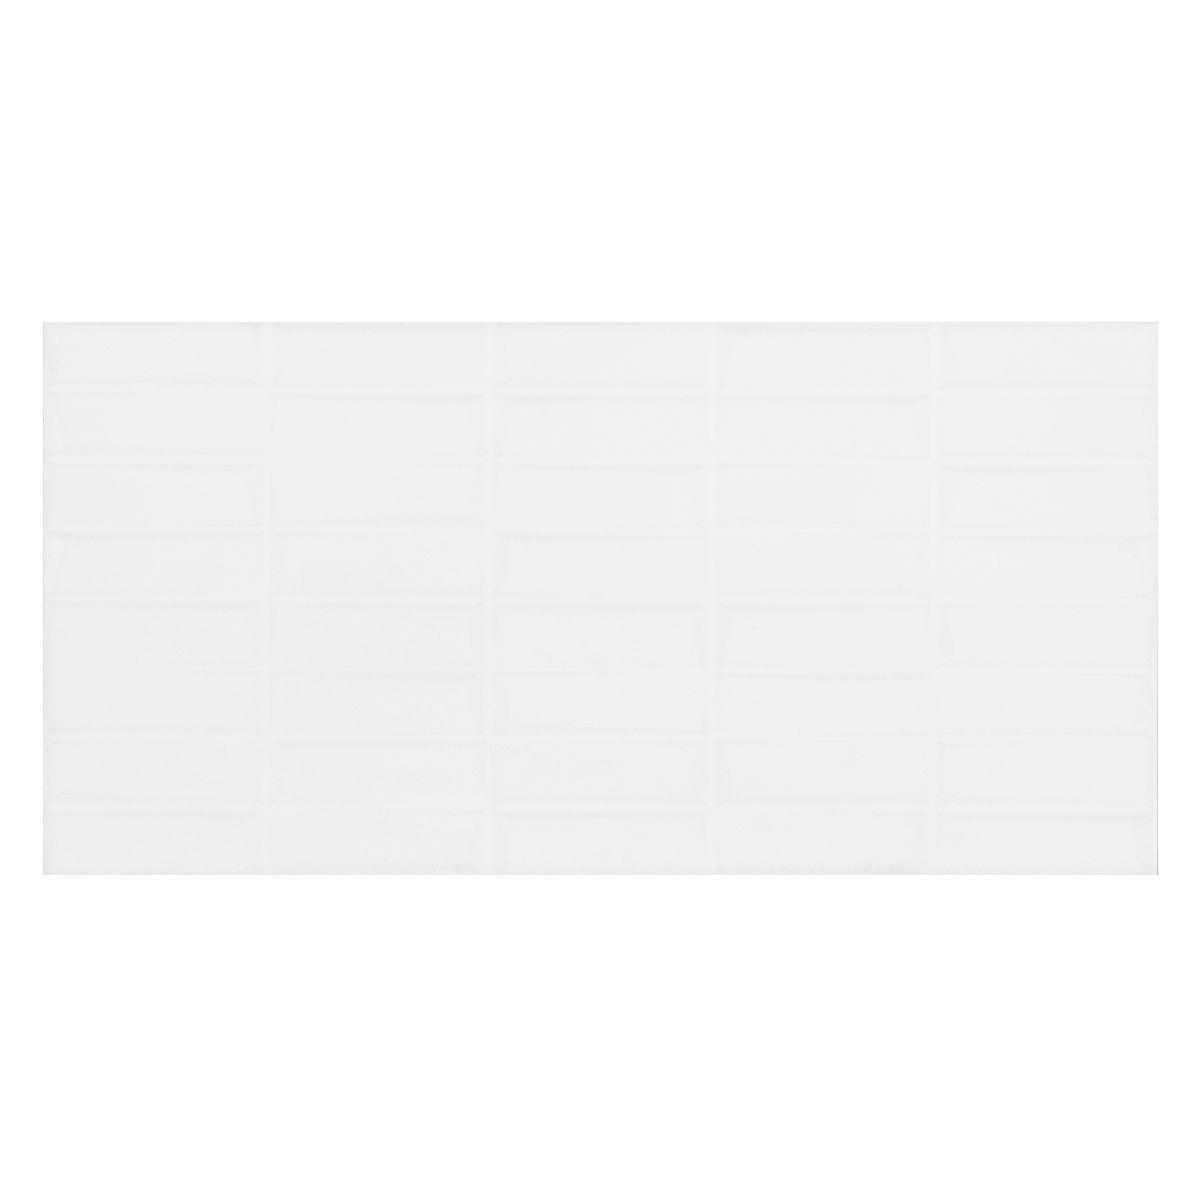 Mayólica Brique Blanco Brillante - 30X60 cm - 1.44 m2